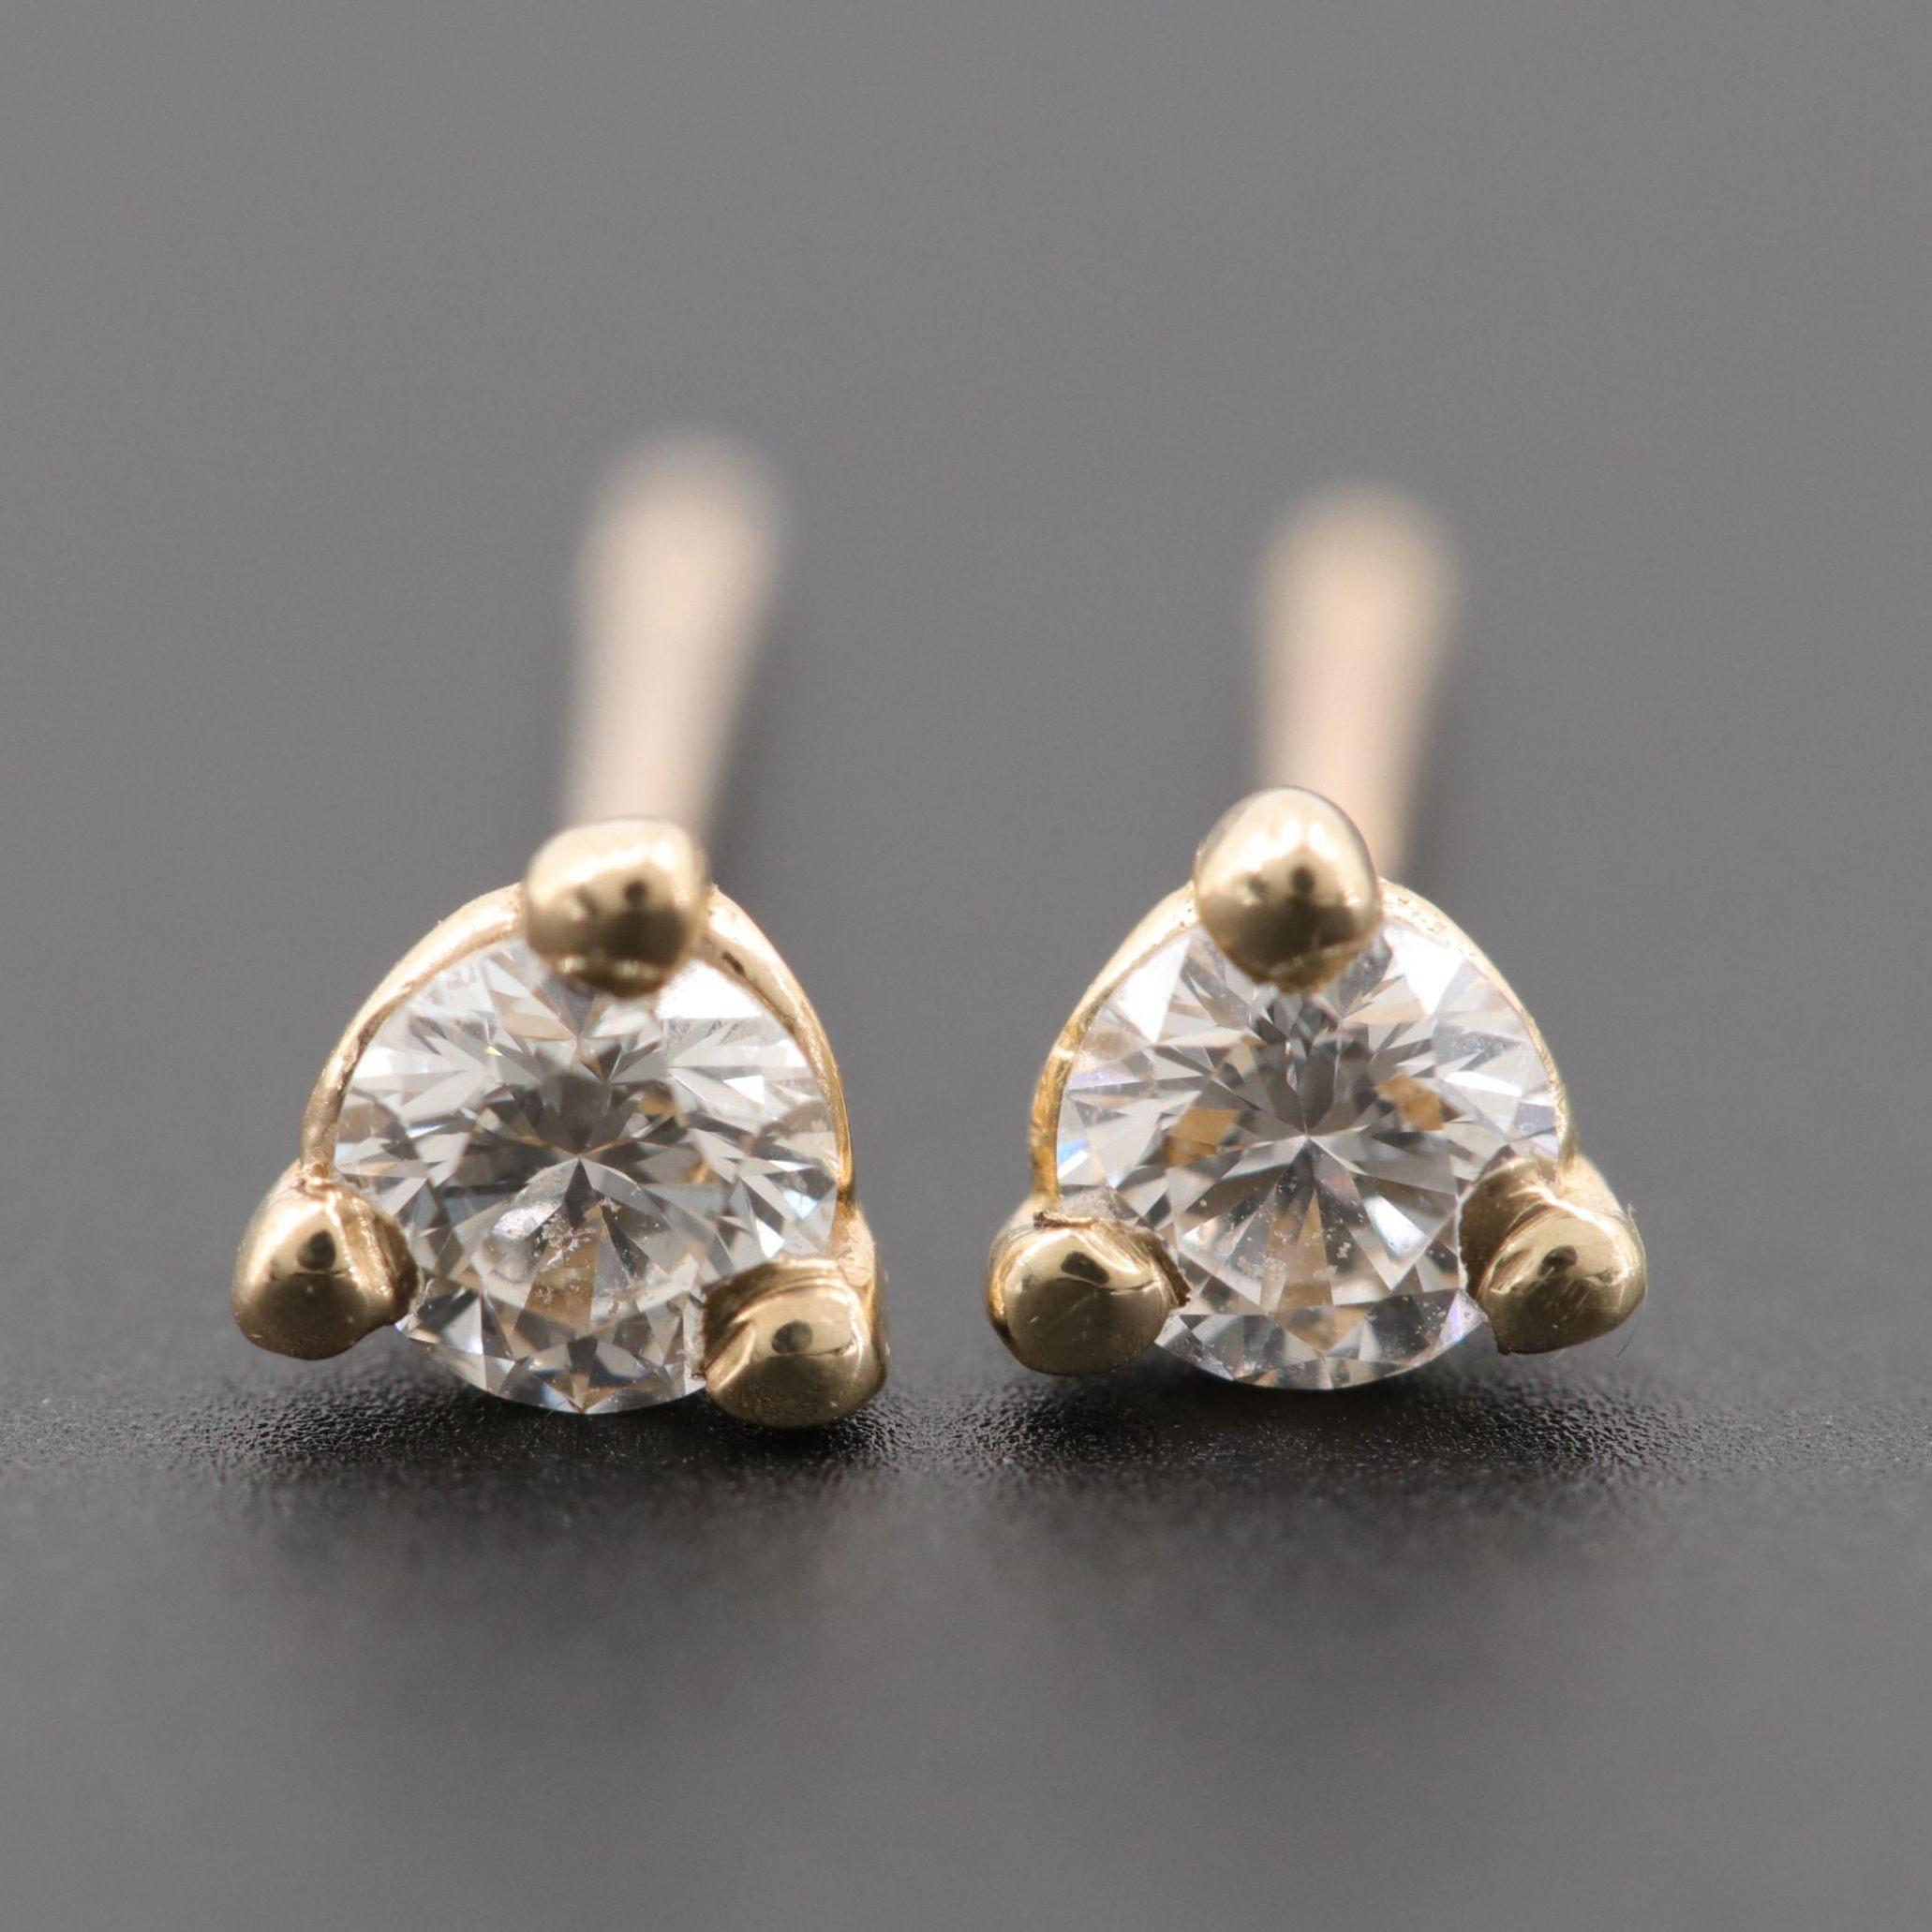 14K Yellow Gold Diamond Earrings with Martini Setting